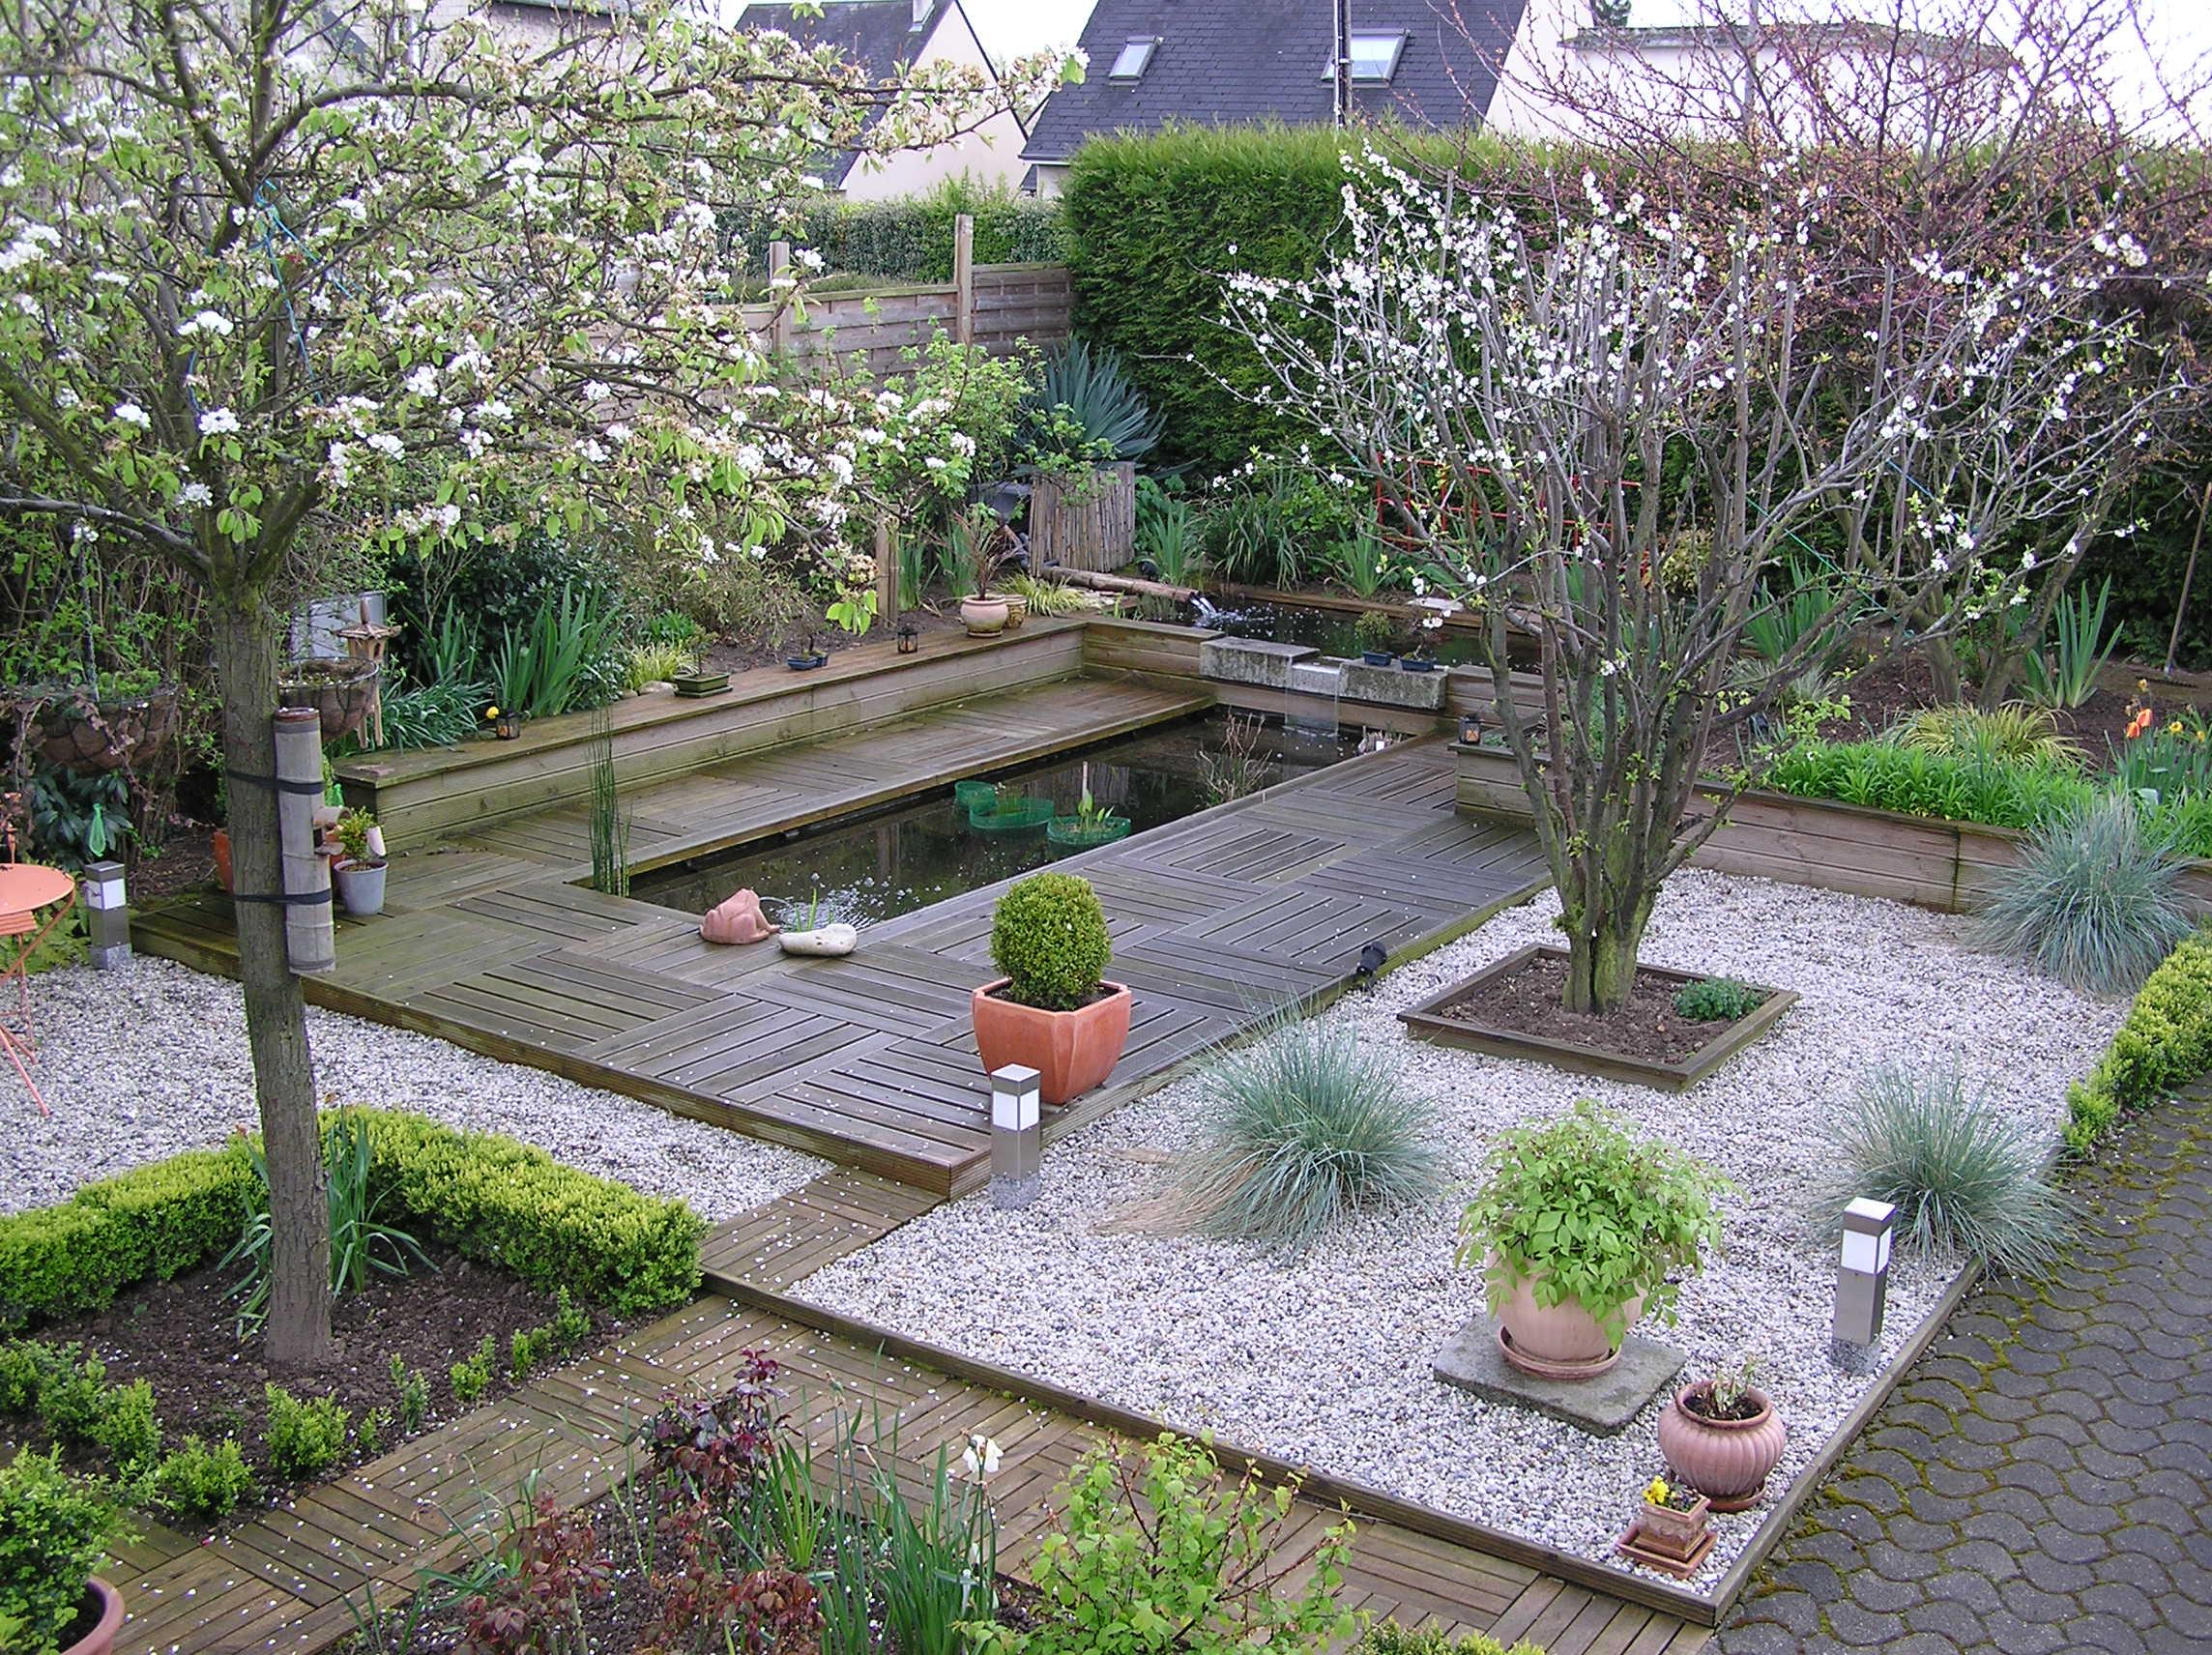 Decorer son Jardin Avec Des Pierres Unique Bricolage Au Jardin Free Ebook